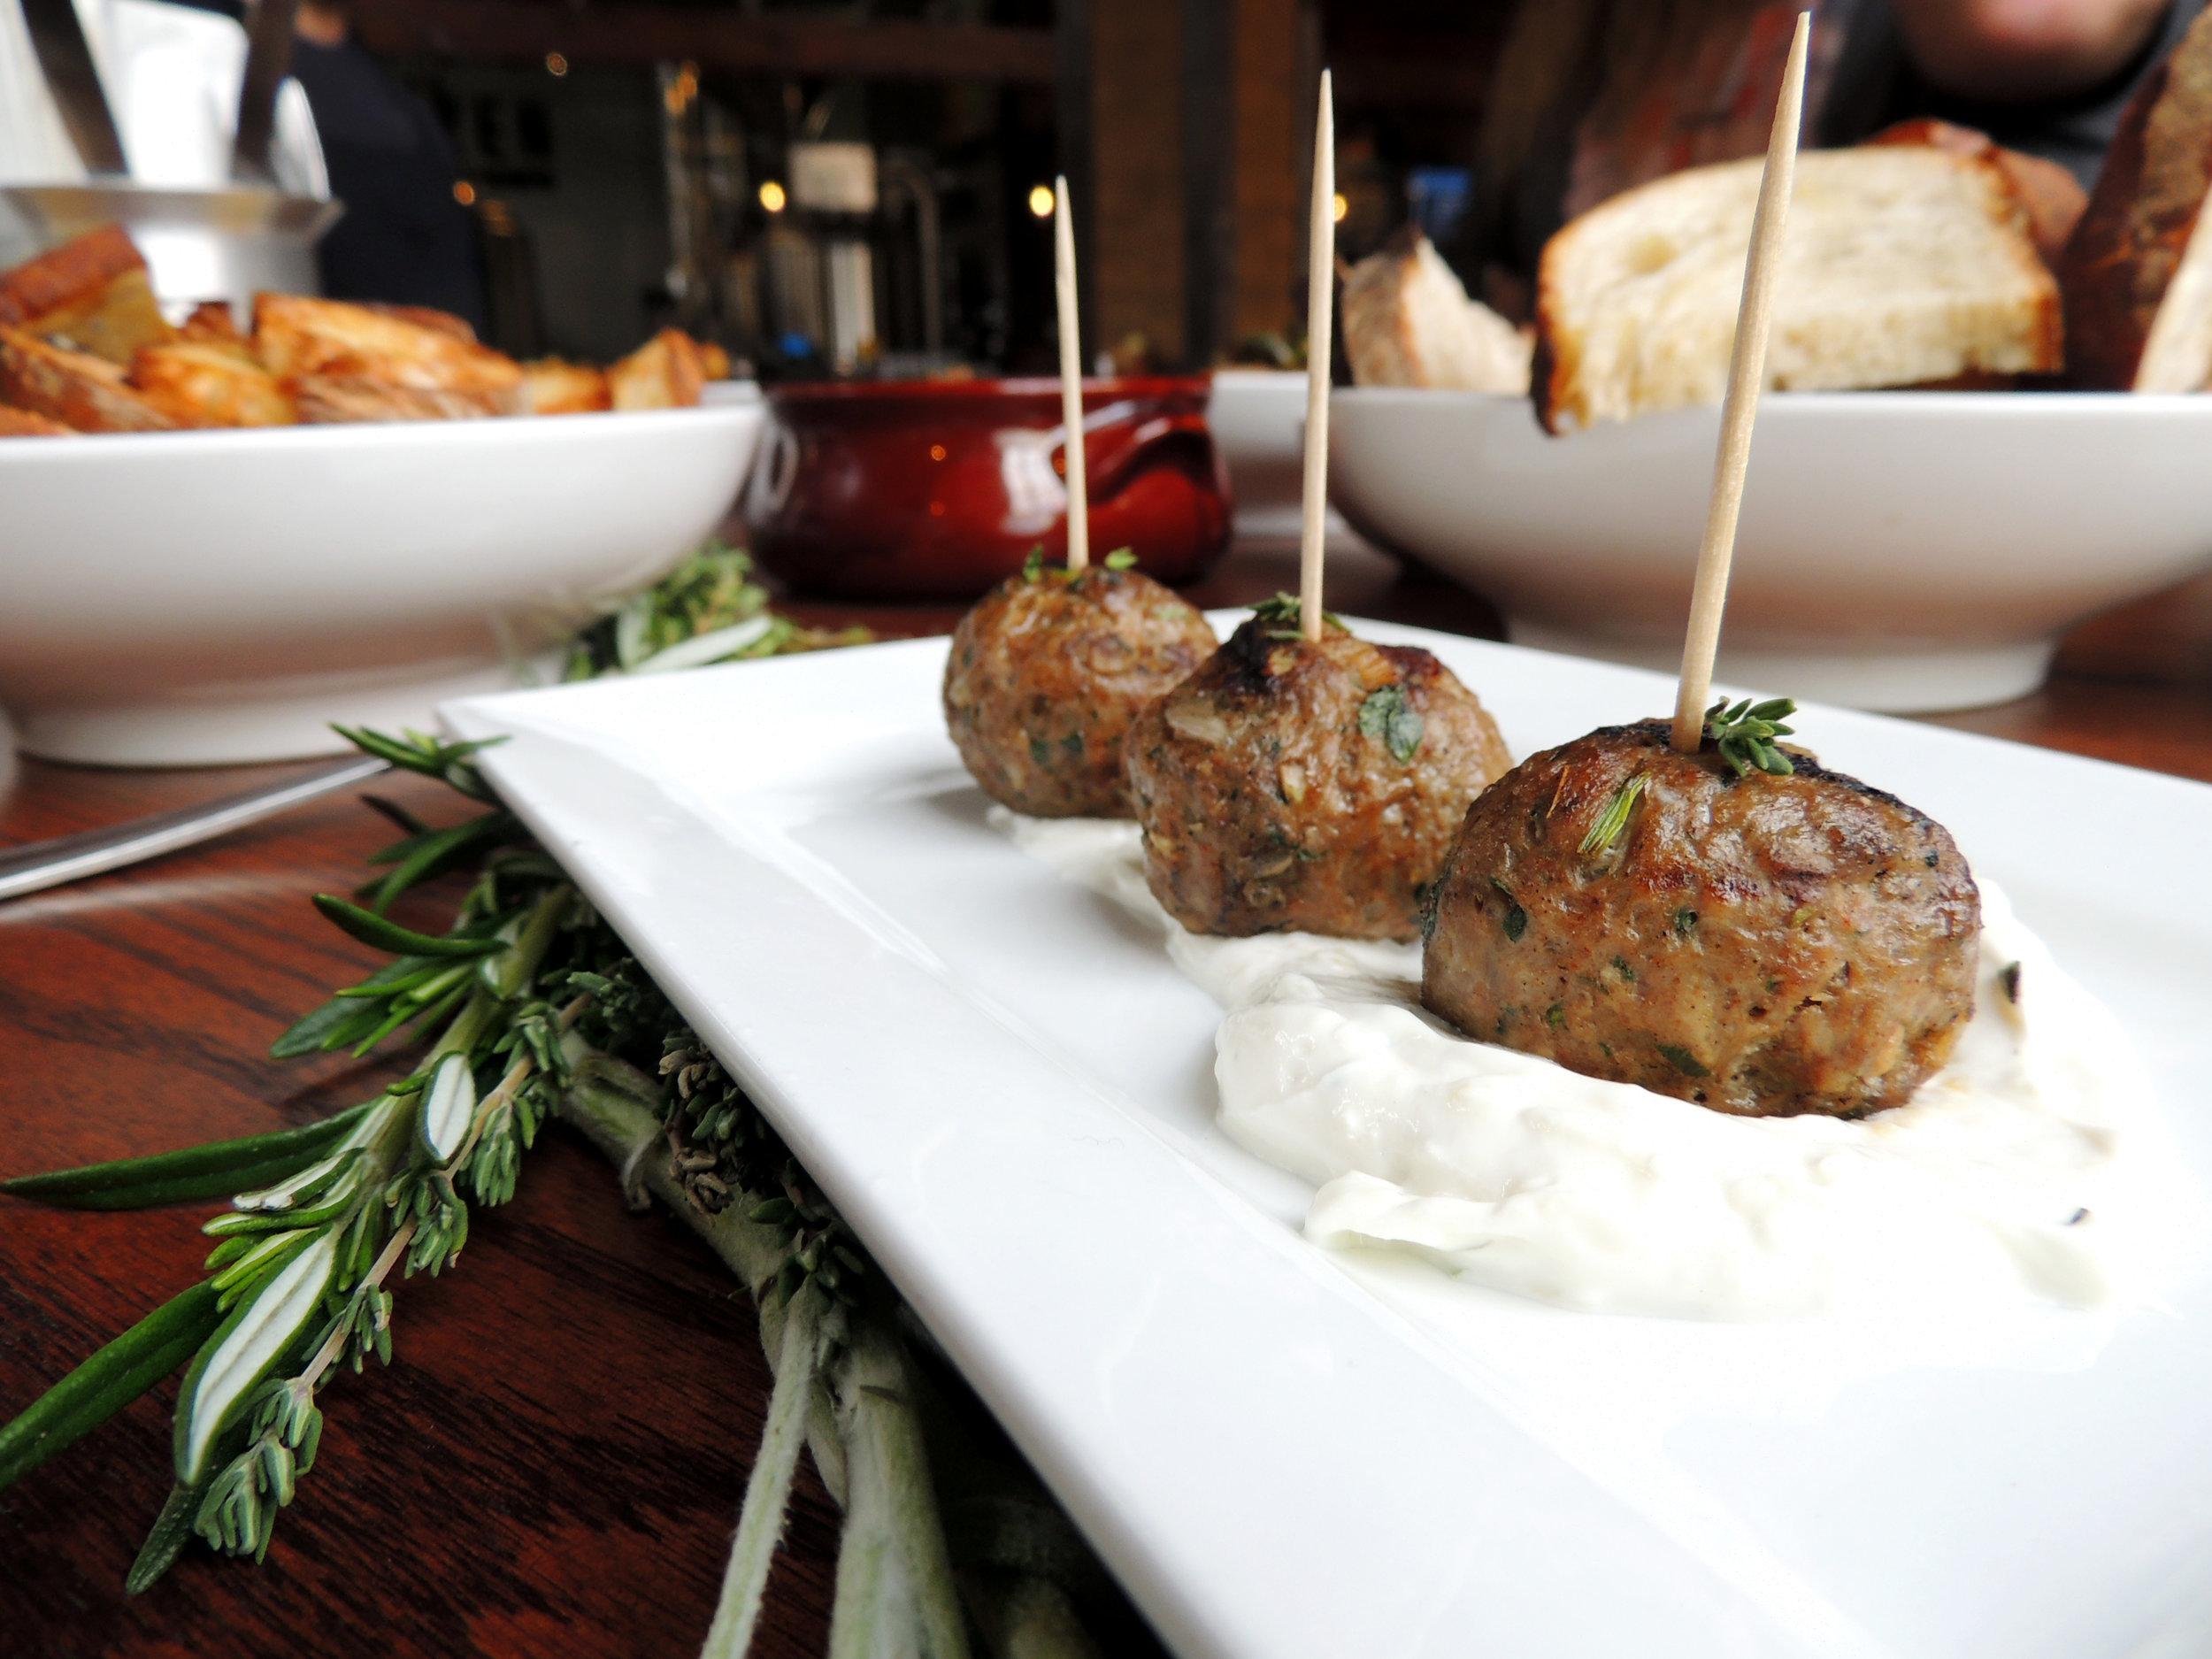 The_Naughty_Greek_Beef_Lamb_Meatballs_Keftedes_Tzatziki_Catering.jpg